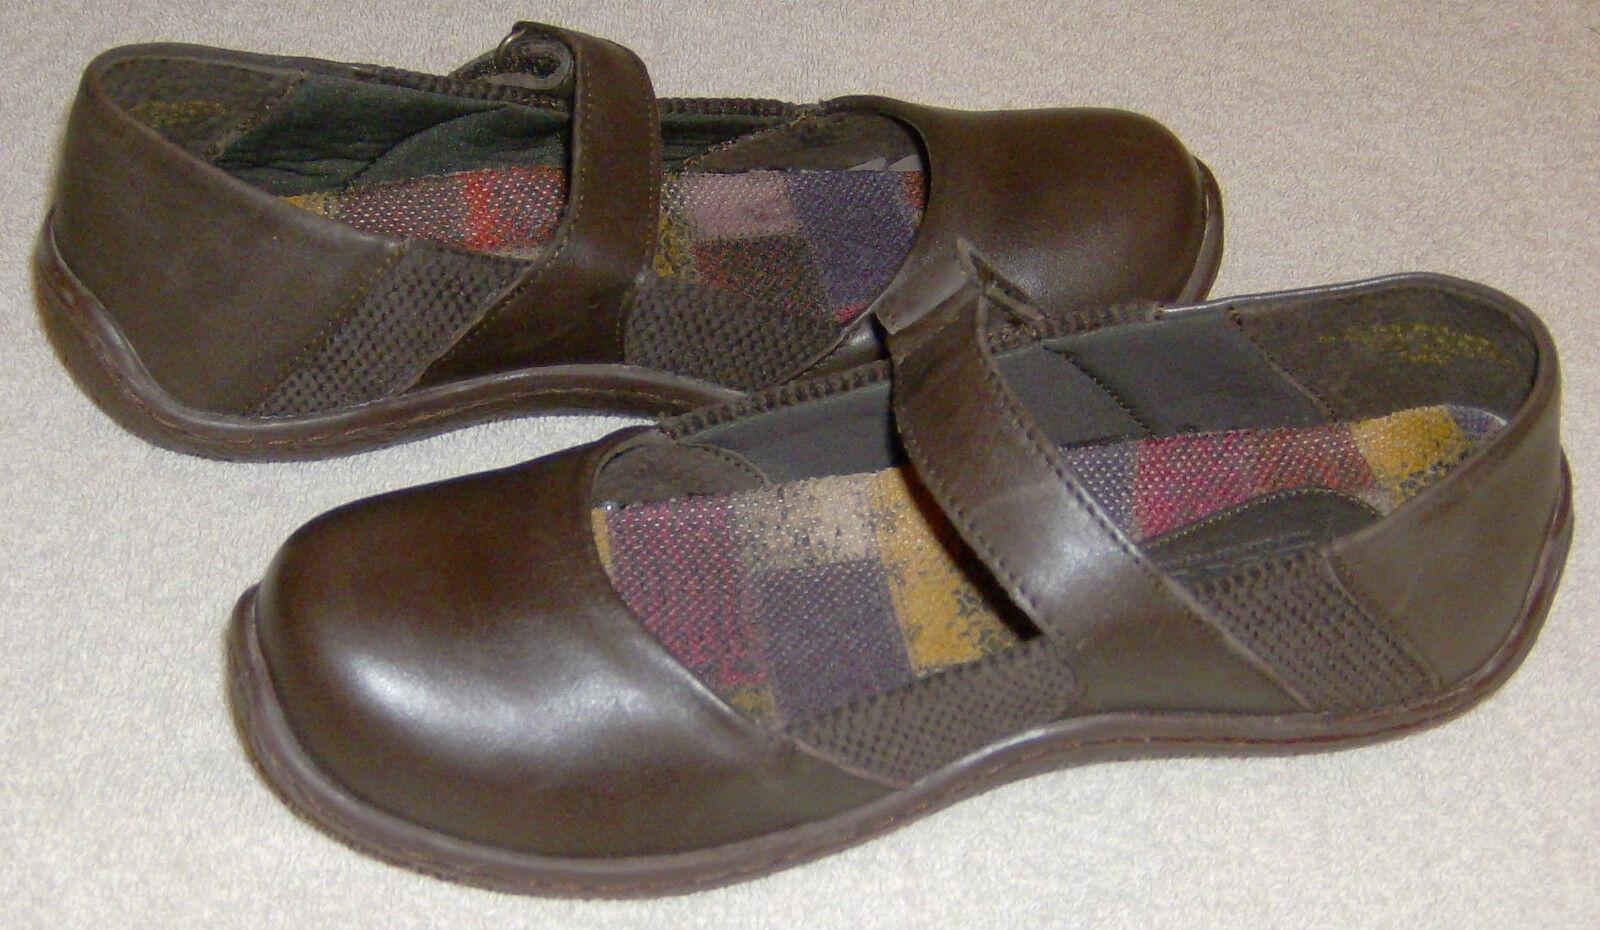 Zapatos señoras nacido Connie Marrón Espresso Nuevo en en en Caja Tamaños 6.5M 7.5M 8M Leather cómoda  oferta especial